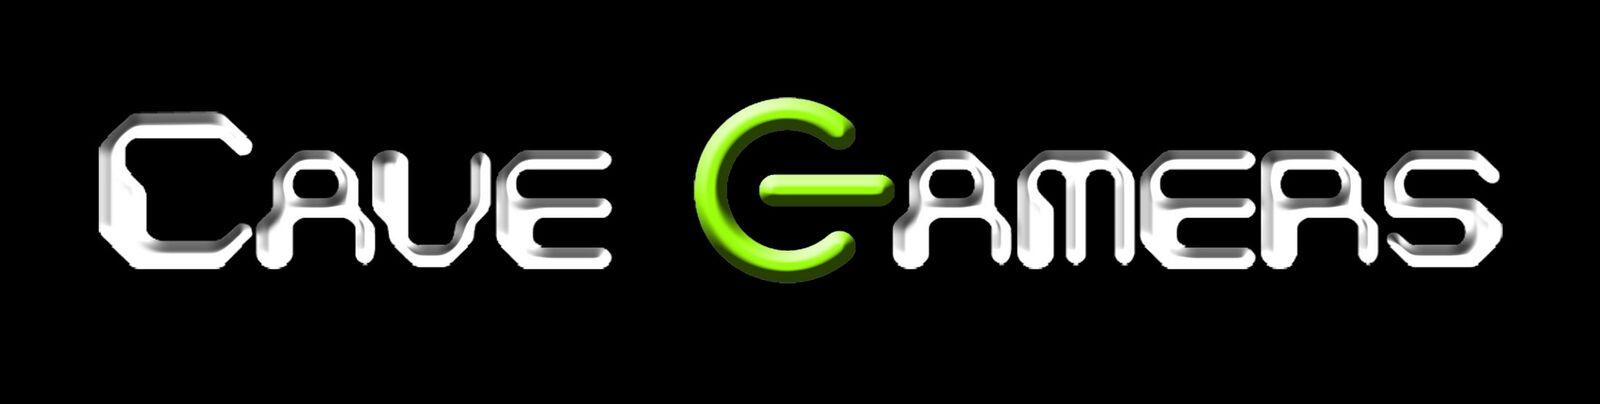 CaveGamers